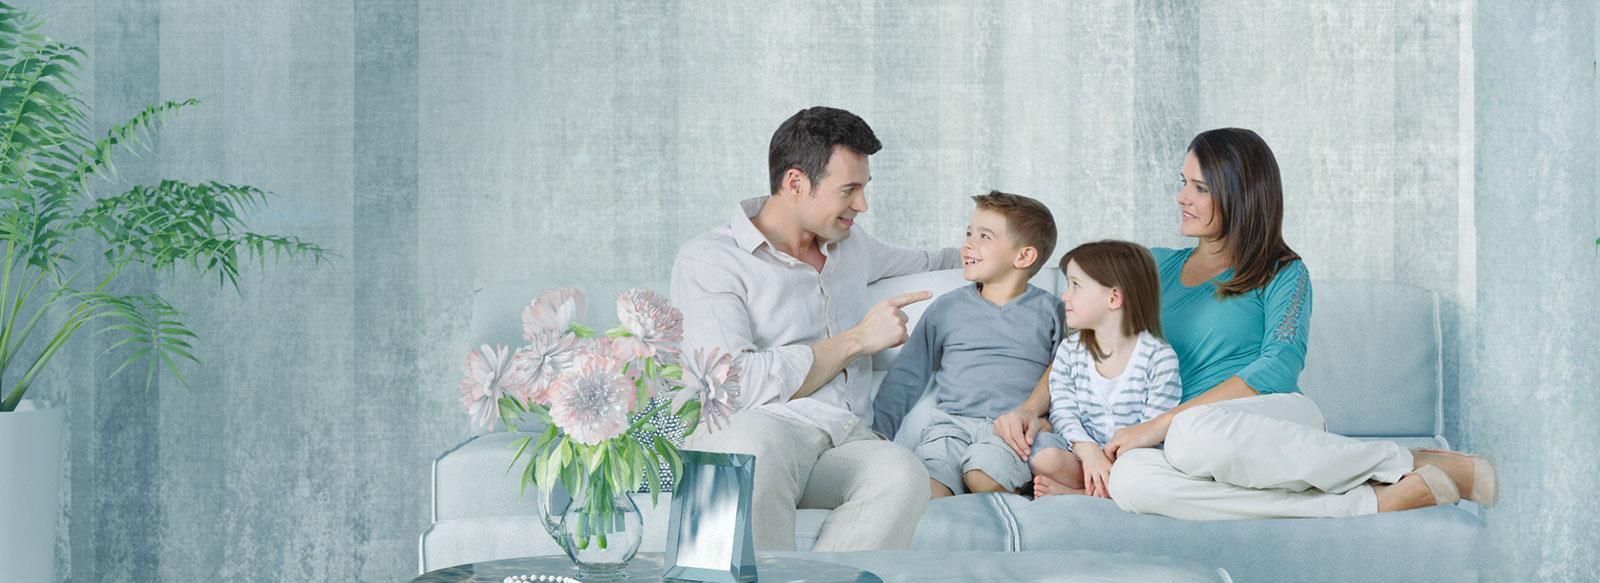 True Family Living